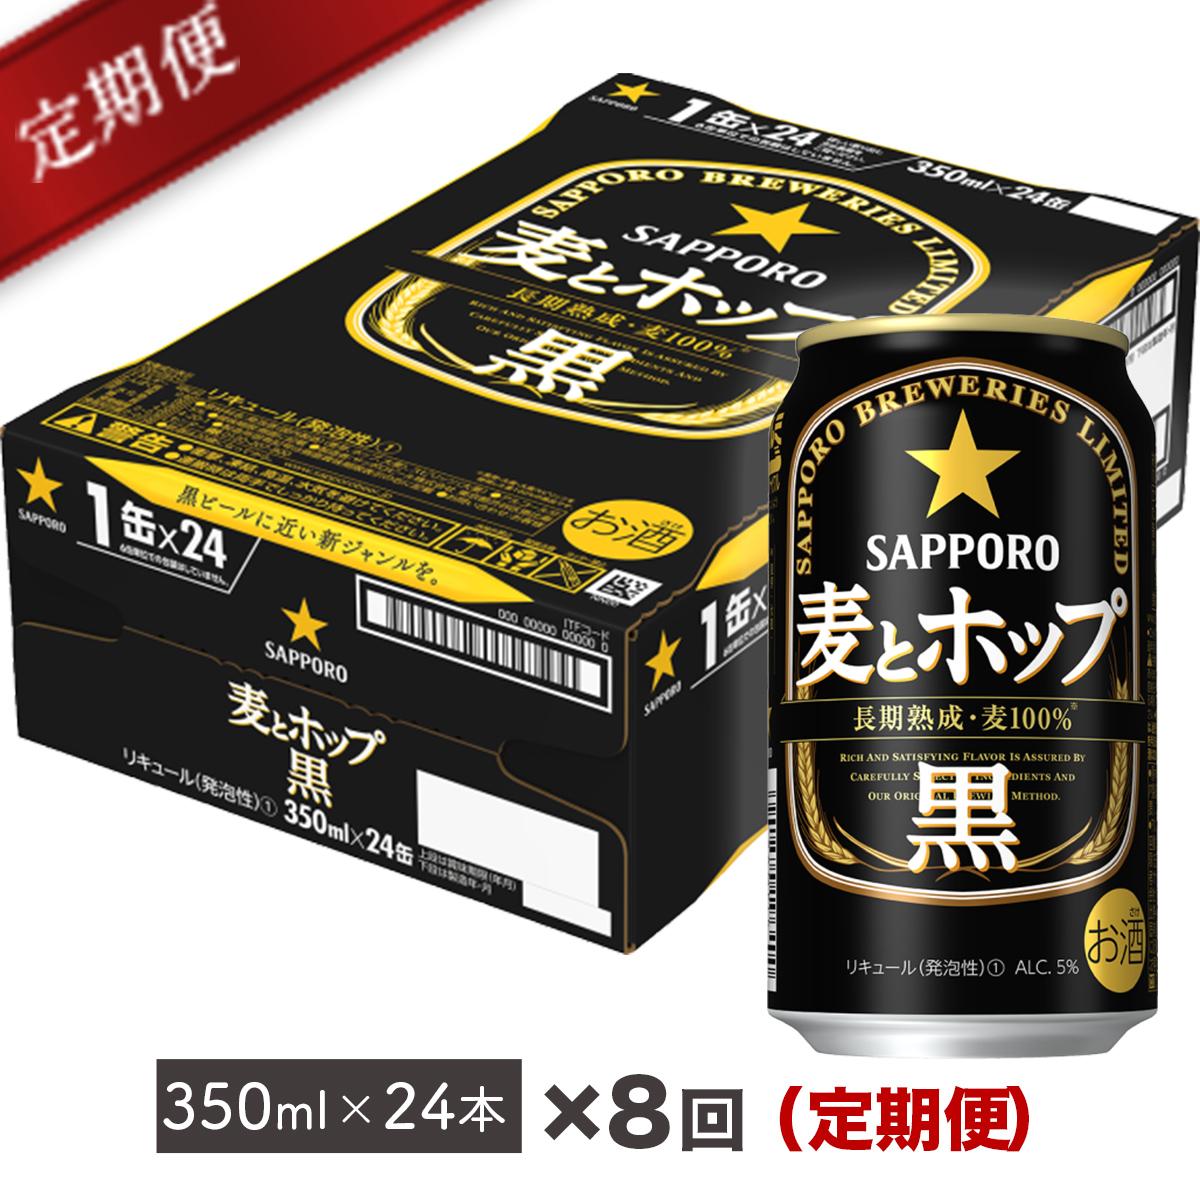 【ふるさと納税】地元名取生産 サッポロ 麦とホップ <黒> 缶350ml×24本(1ケース)x8回お届け